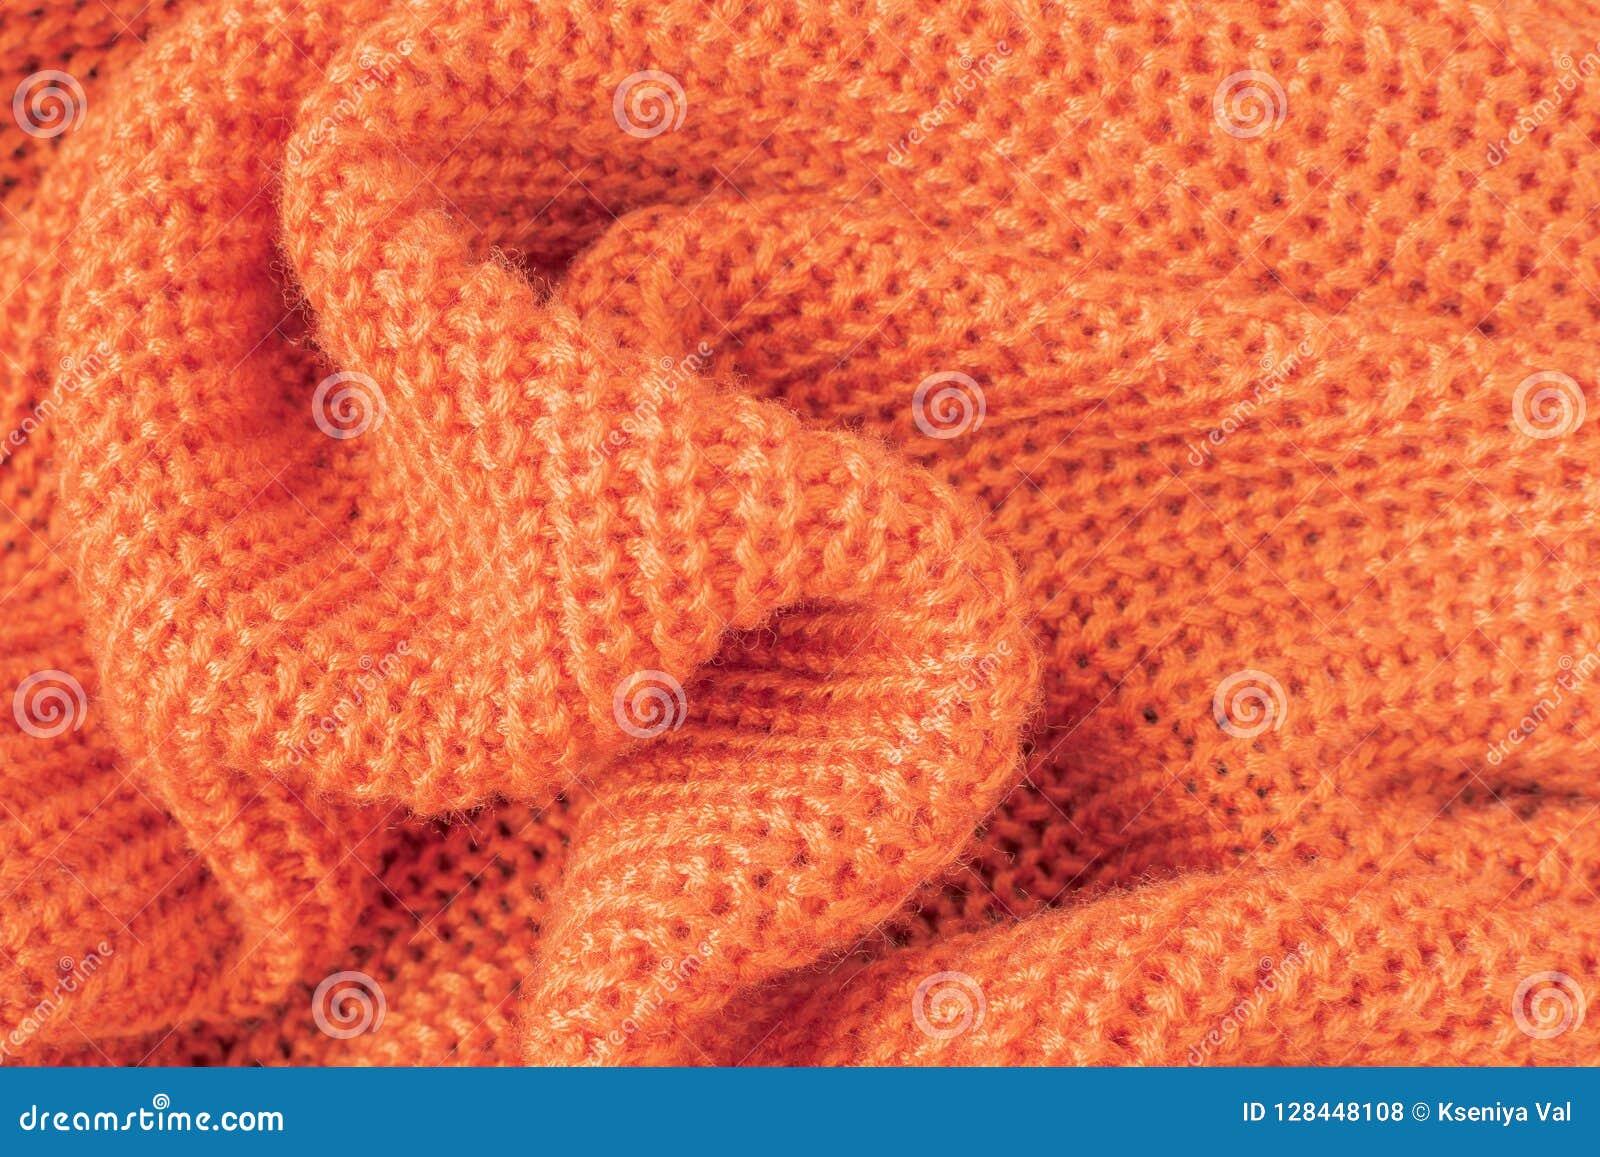 Ткань связанная нежностью от оранжевой пушистой пряжи